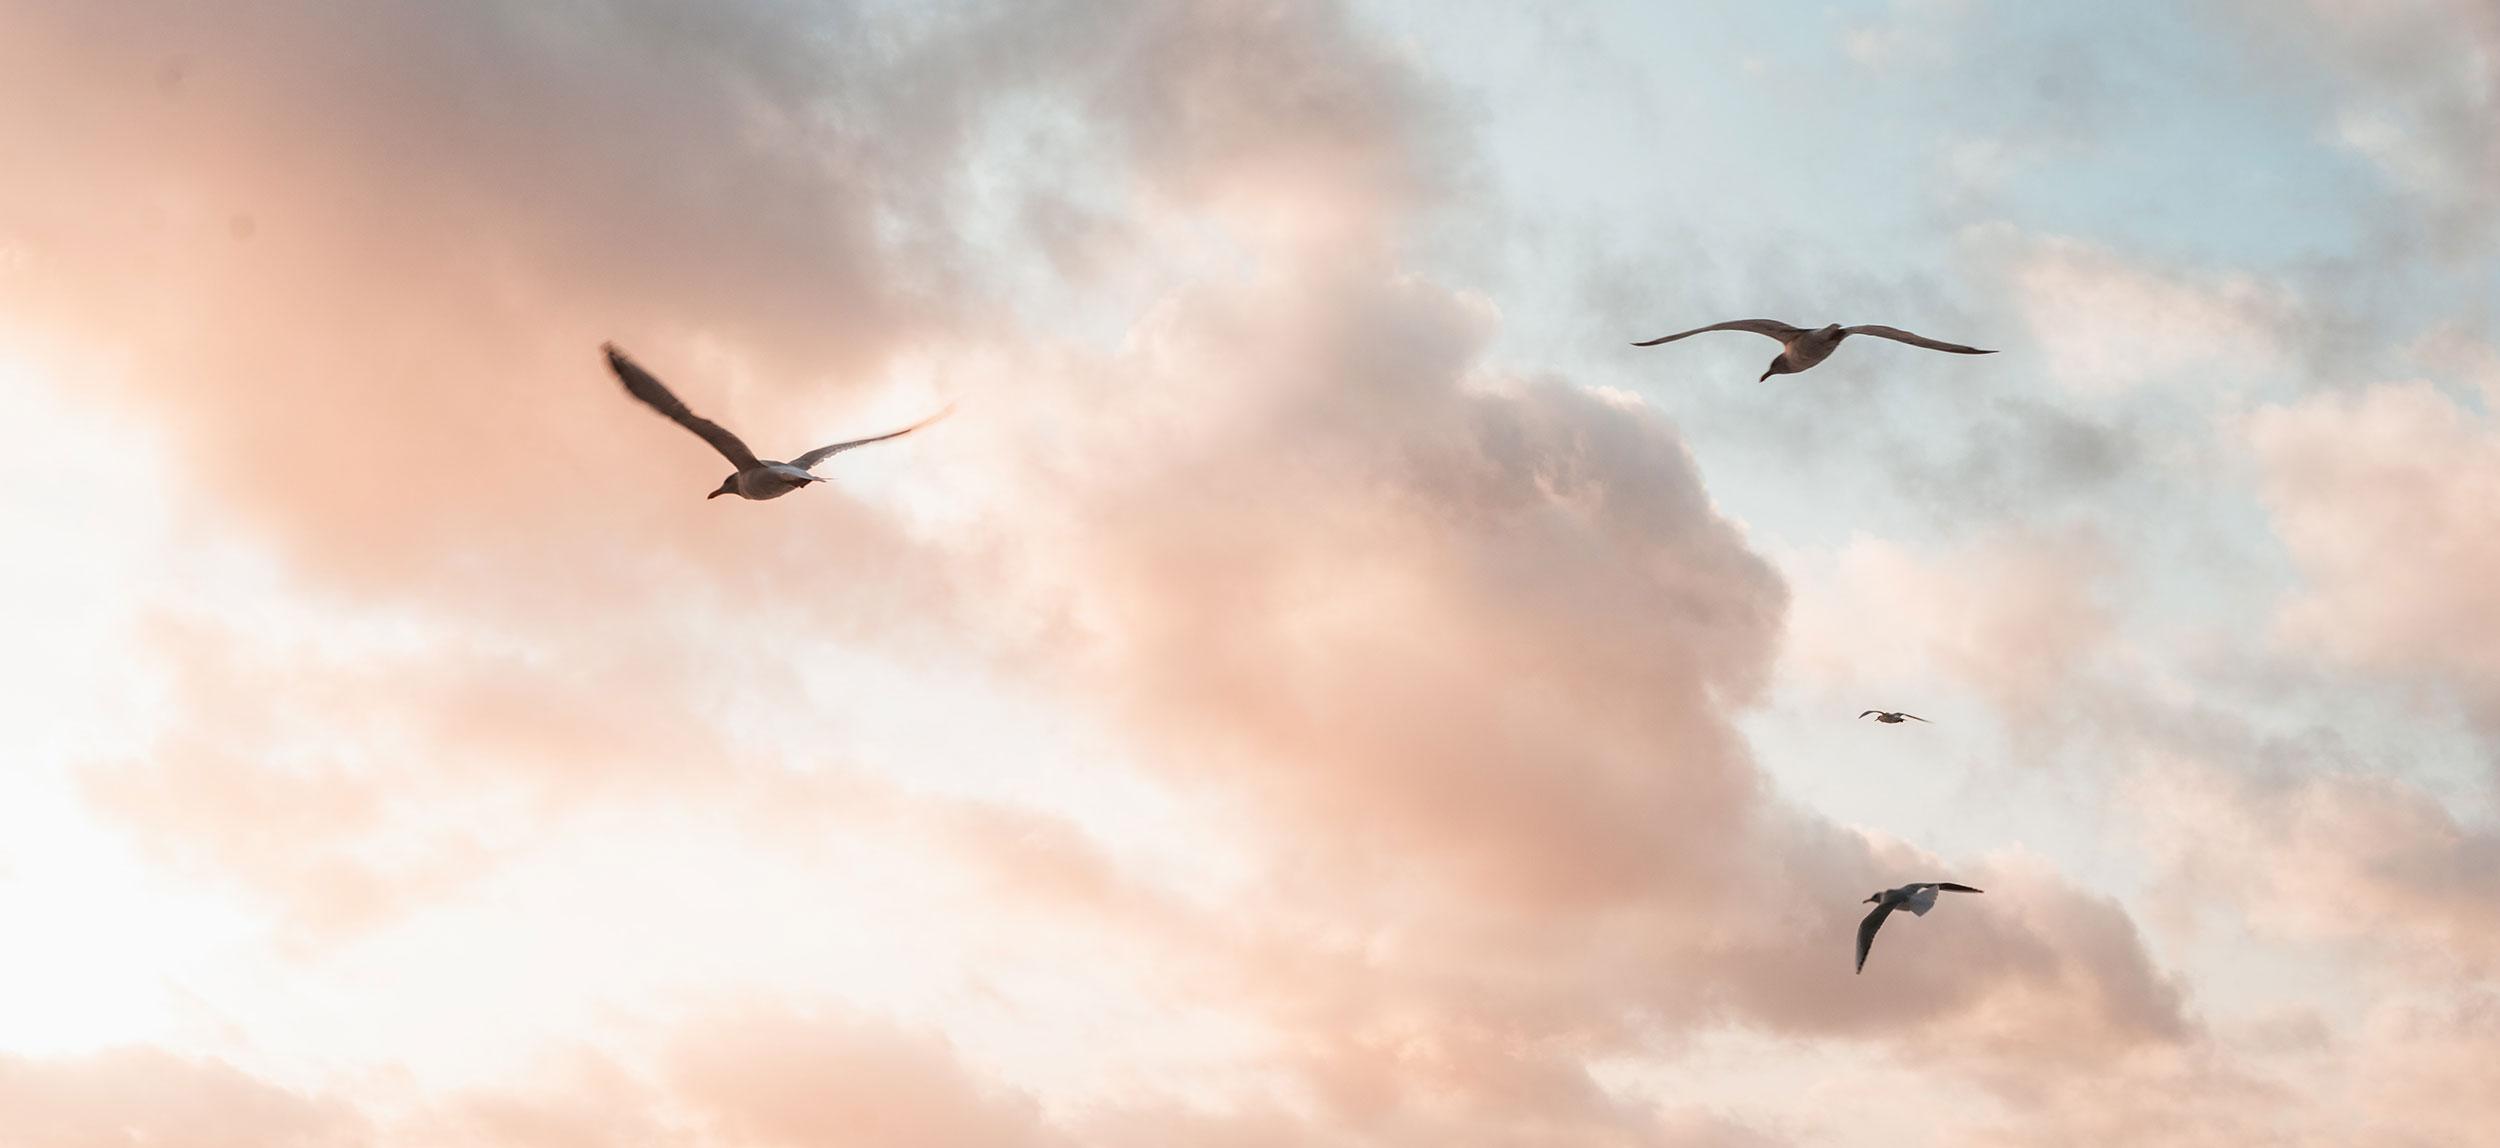 ouvrir ses ailes - liberté